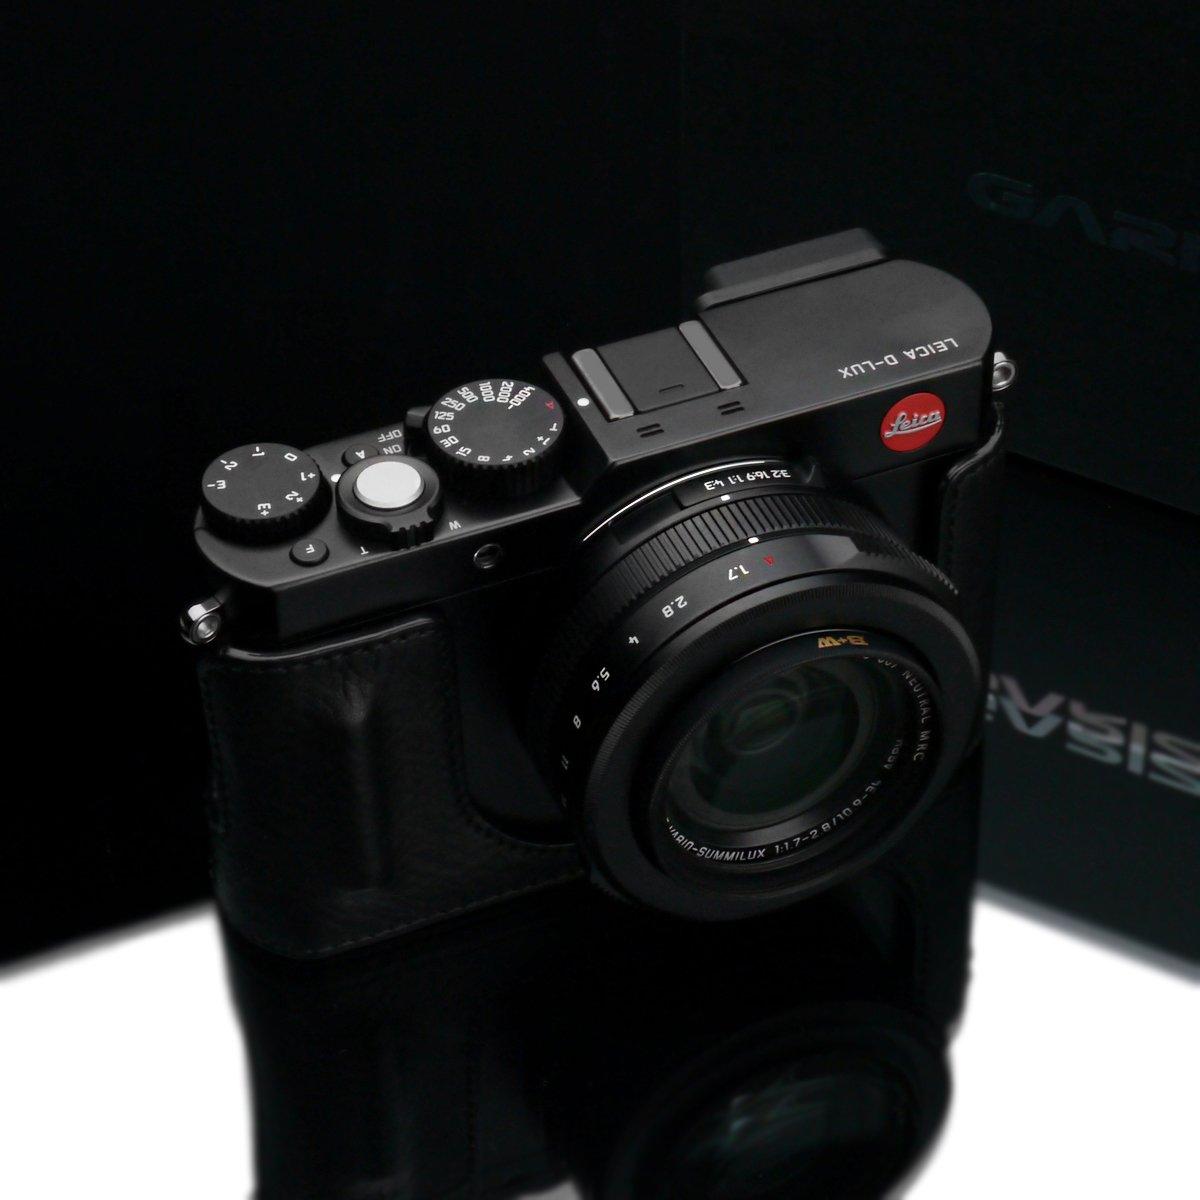 Leica/徕卡 D-LUX数码相机Typ109